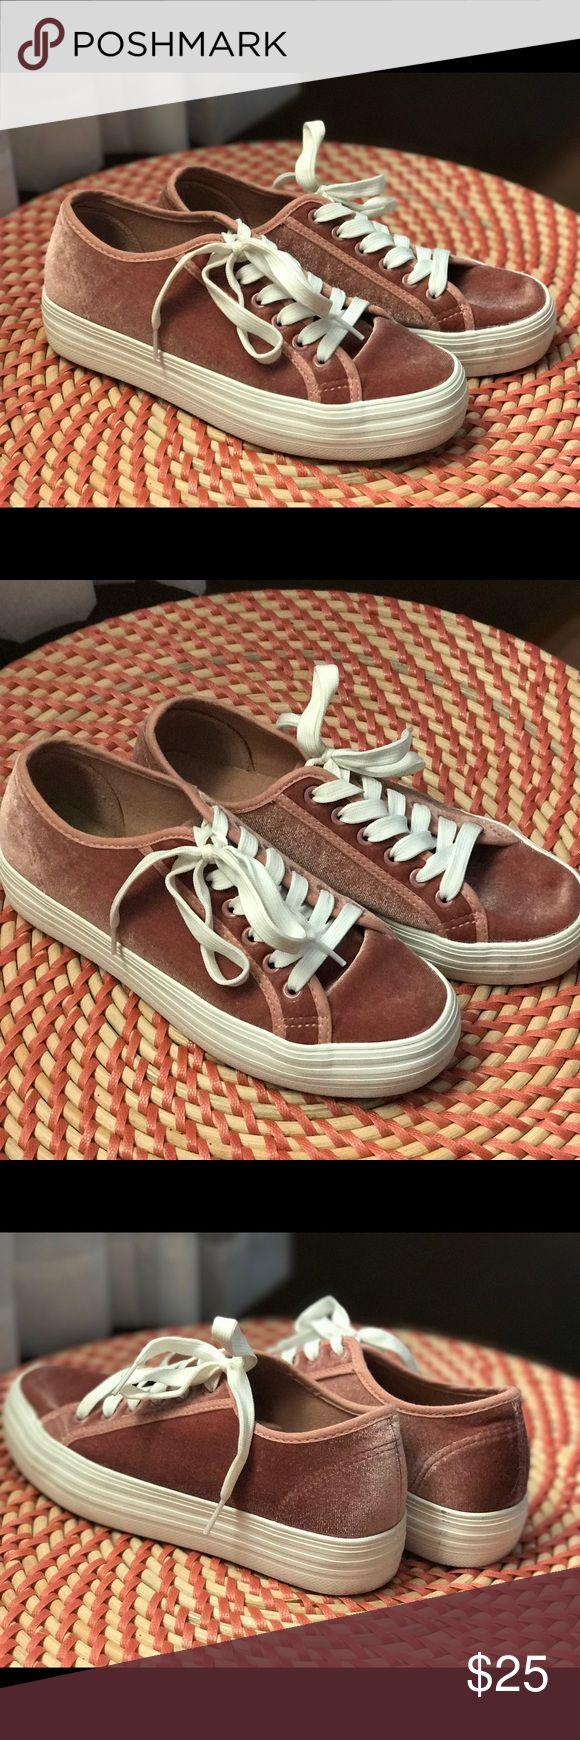 Pink Velvet Platform tennis shoes Pink velvet with white platform tennis shoes worn a few times runs like a 7.5 Shoes Platforms